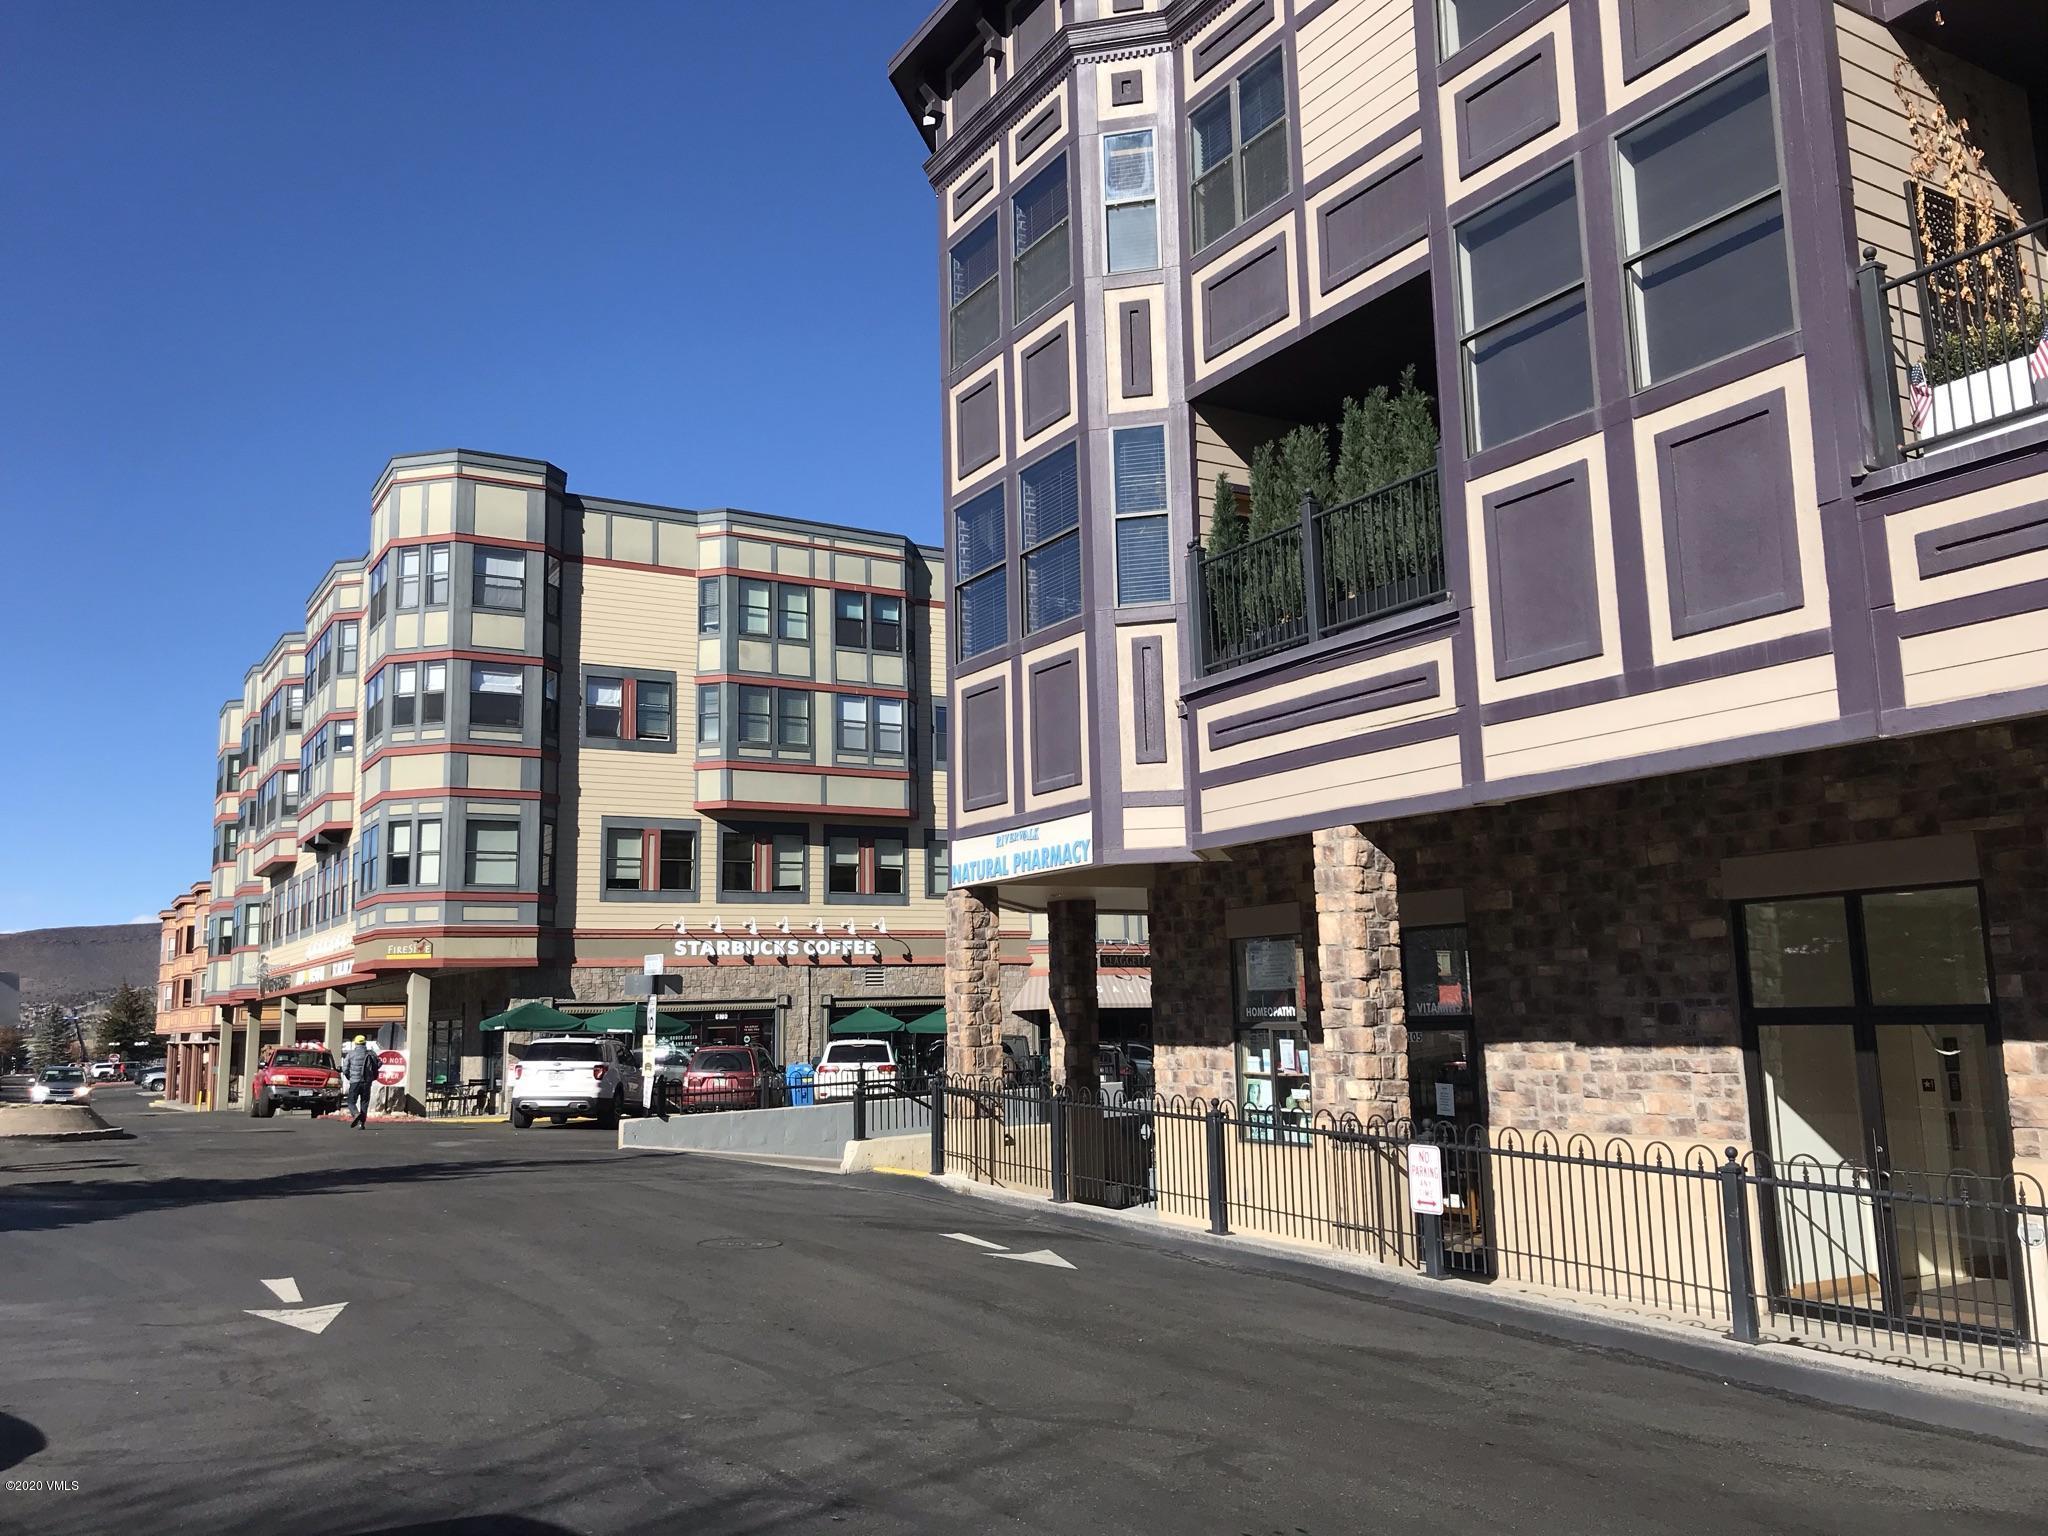 280 Main Street, C-105, Edwards, CO 81632 Property Photo - Edwards, CO real estate listing